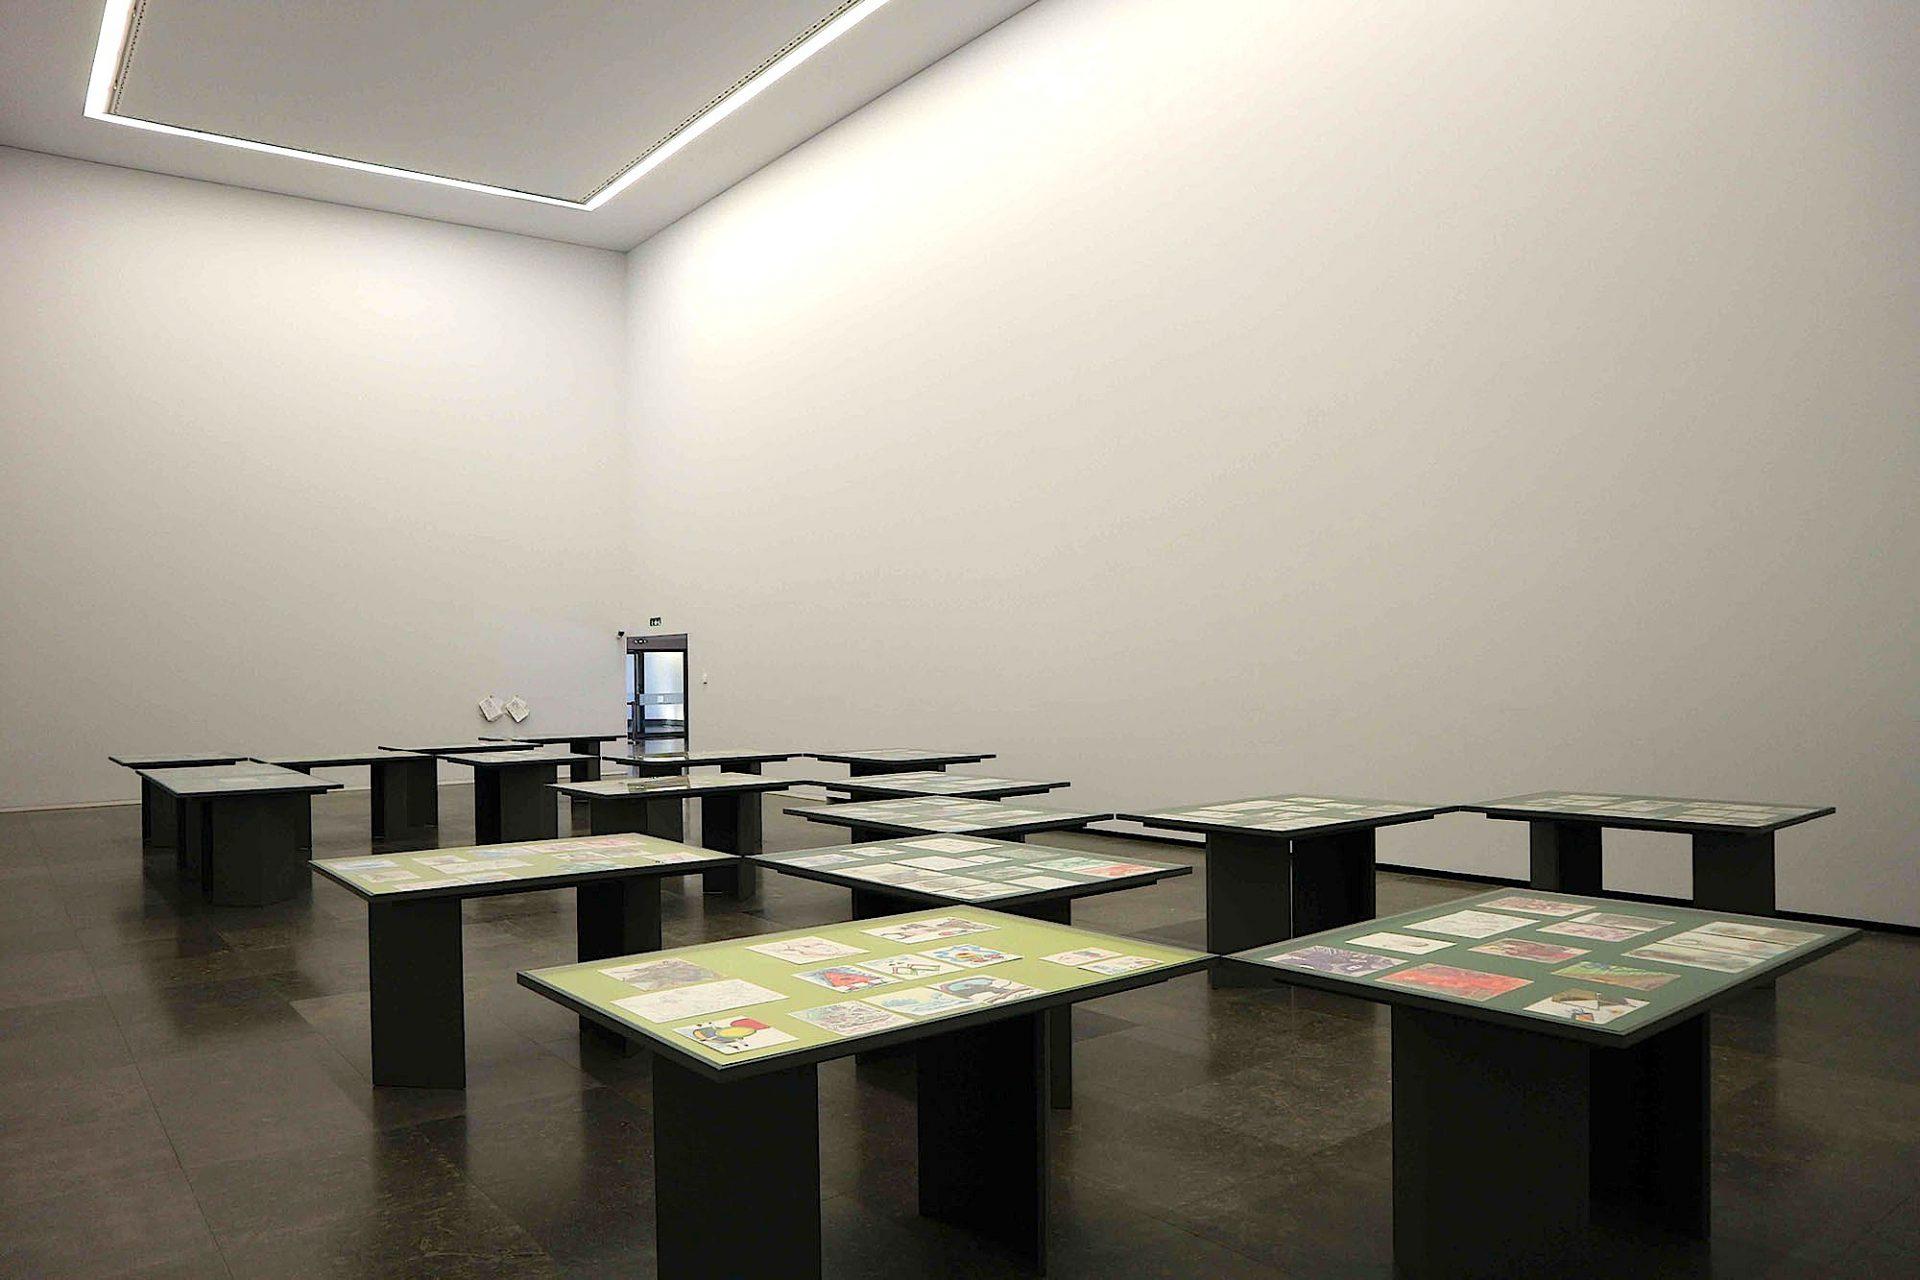 Haus der Geschichten Paula Rego. Raum für temporäre Ausstellungen der Kunst von Paula Rego.